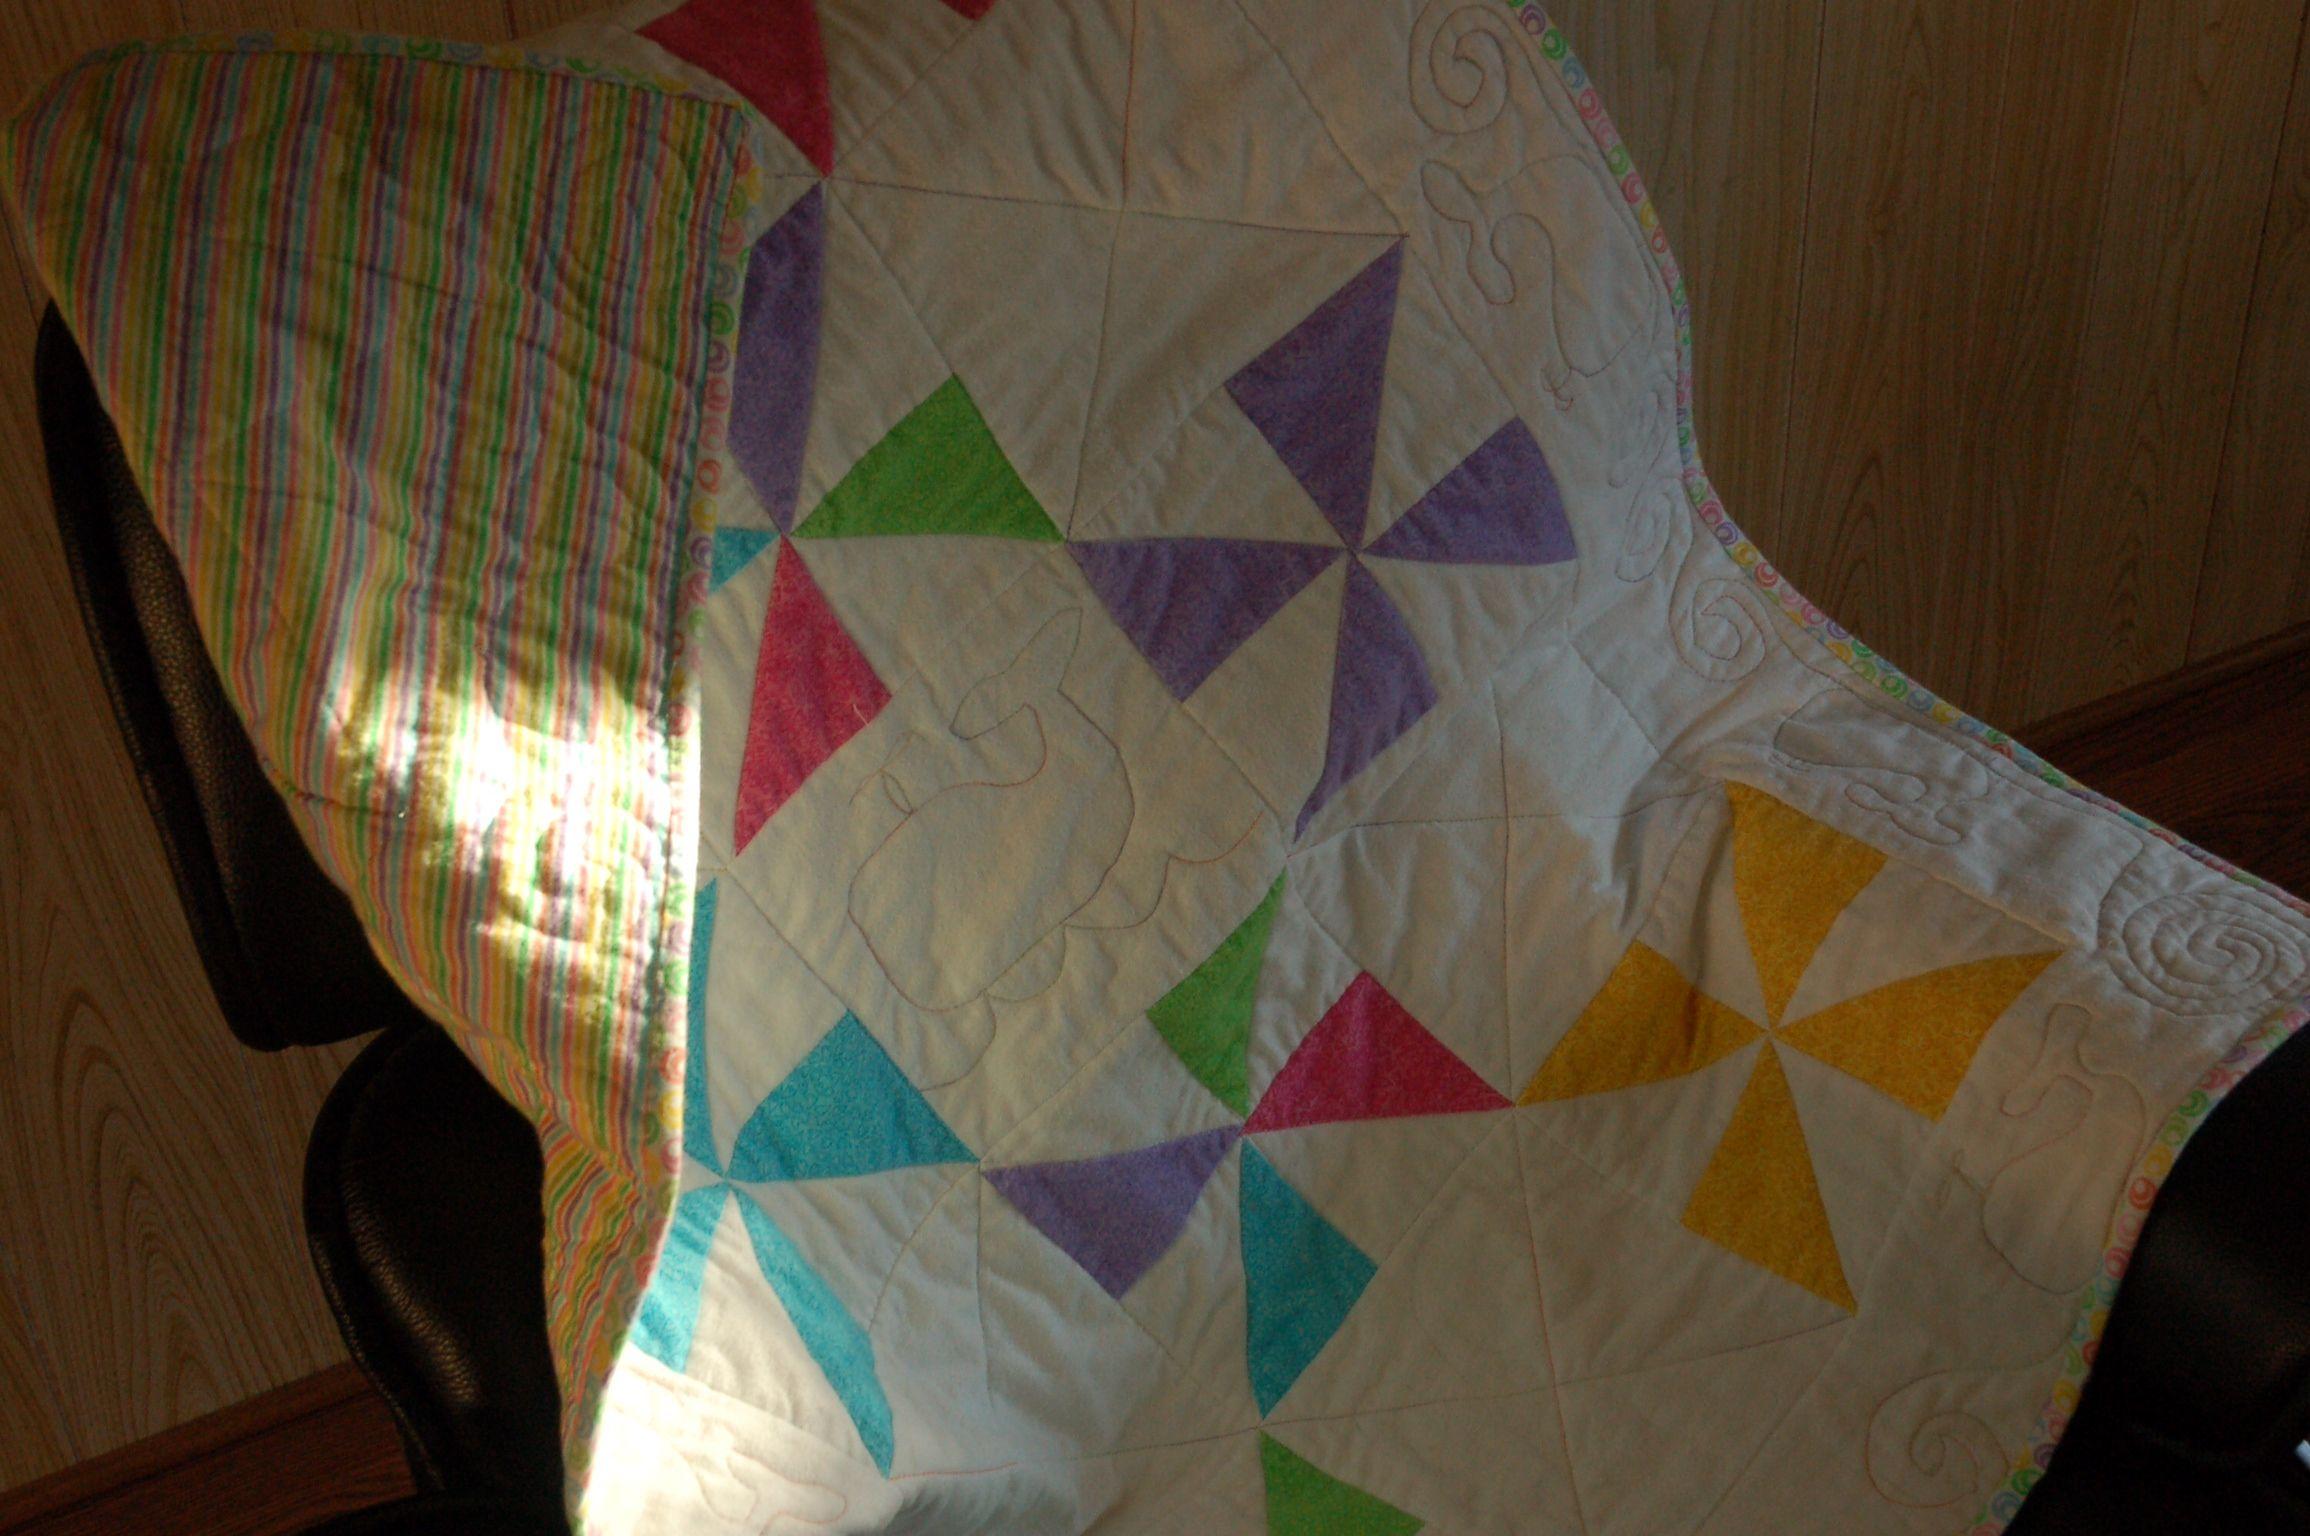 Pinwheels by Mary Kelly